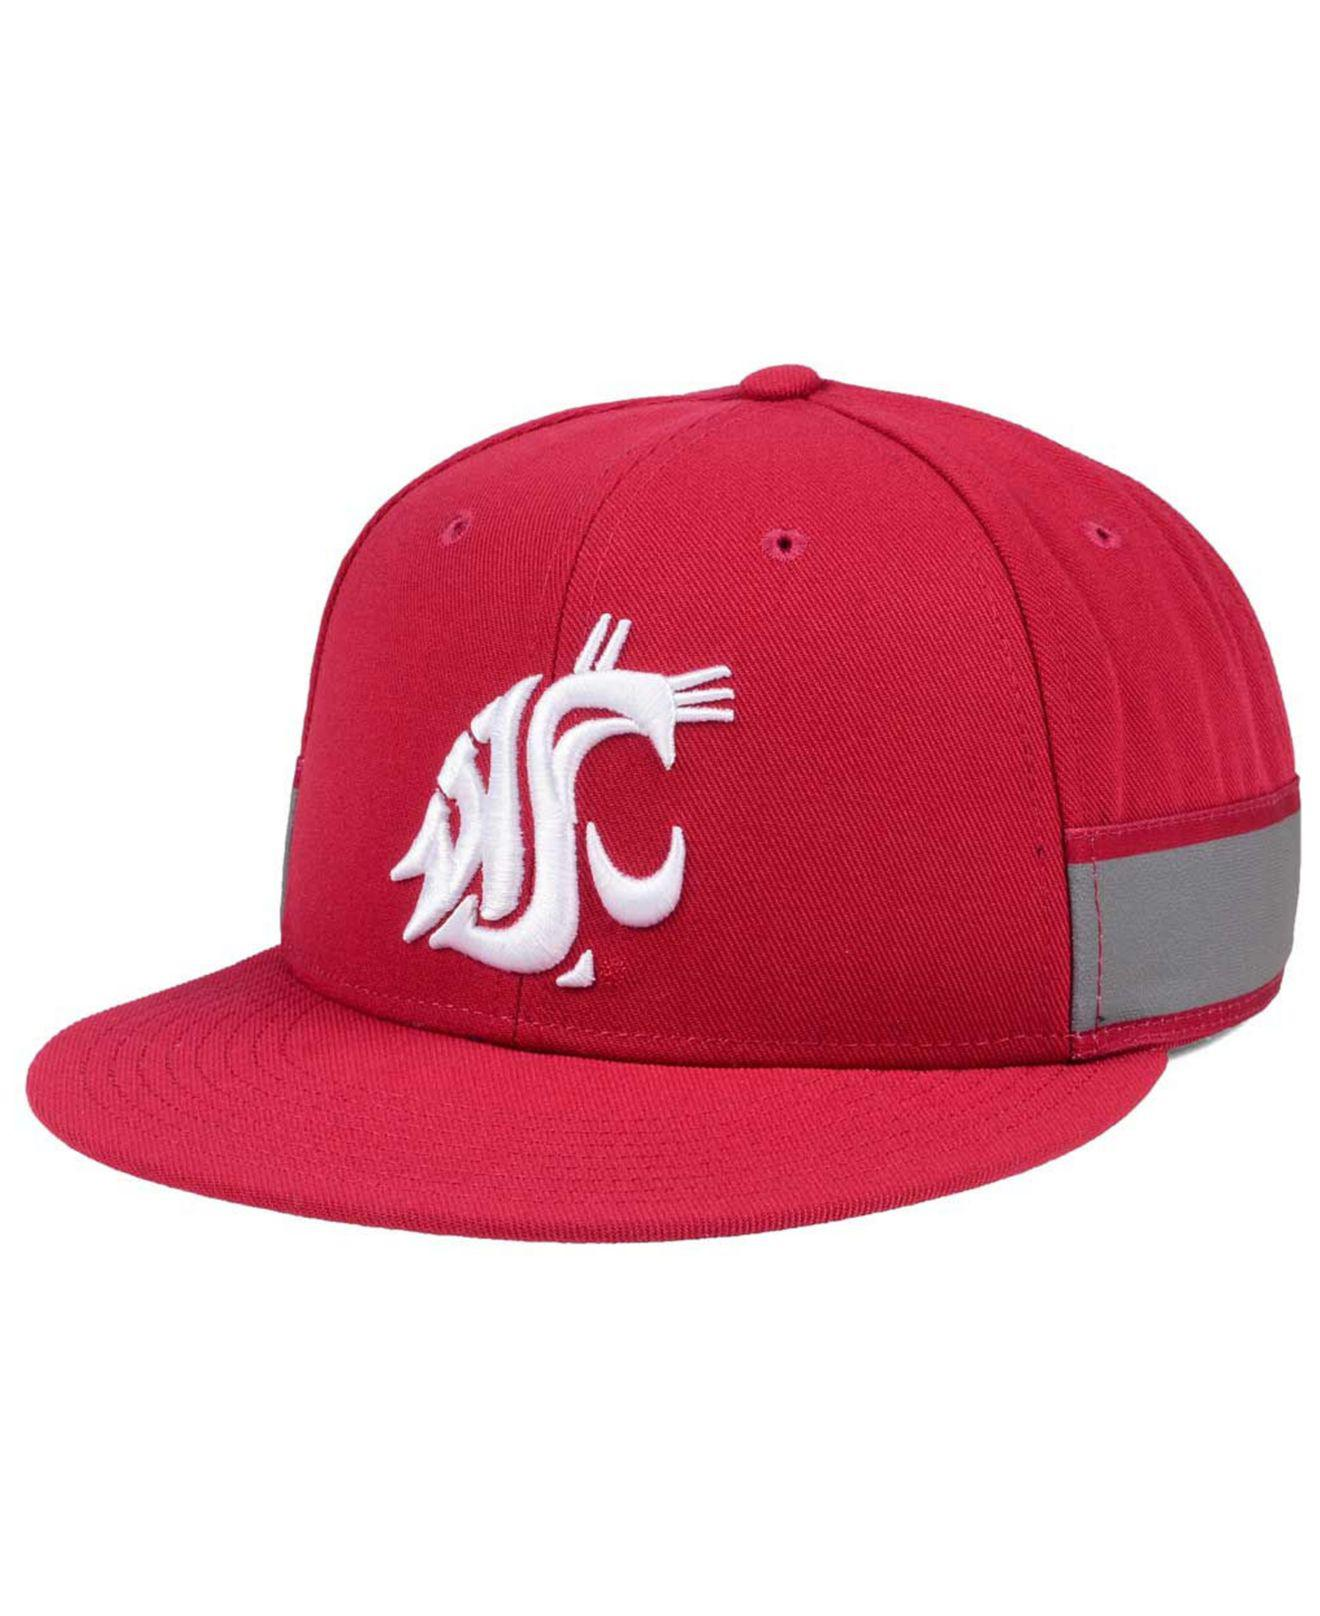 size 40 d2dc3 85ca0 Lyst - Nike True Woven Stripe Snapback Cap in Red for Men